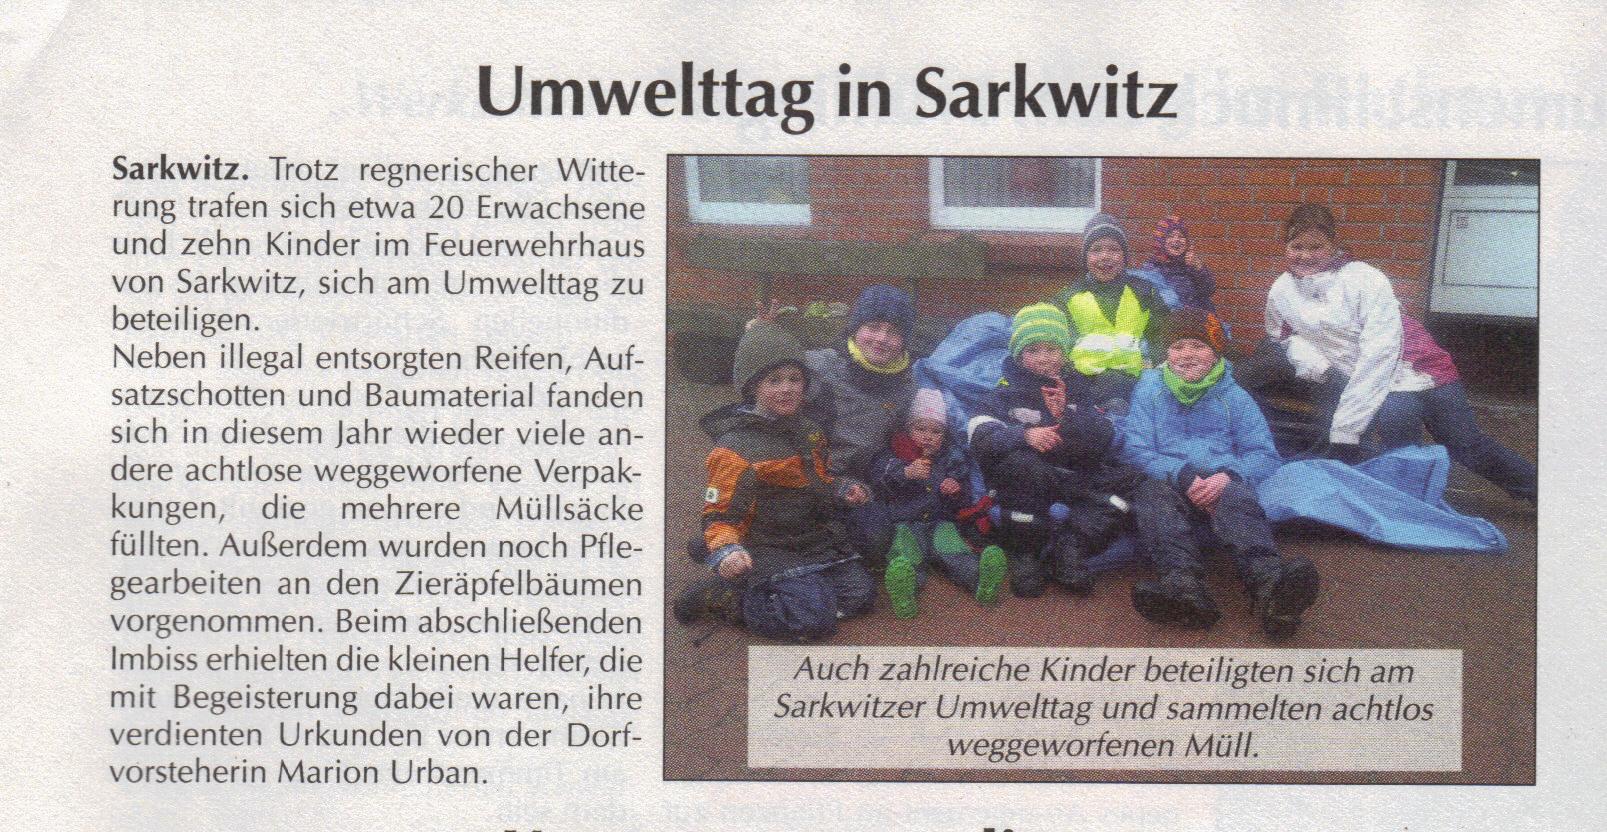 Umwelttag 2013 in Sarkwitz